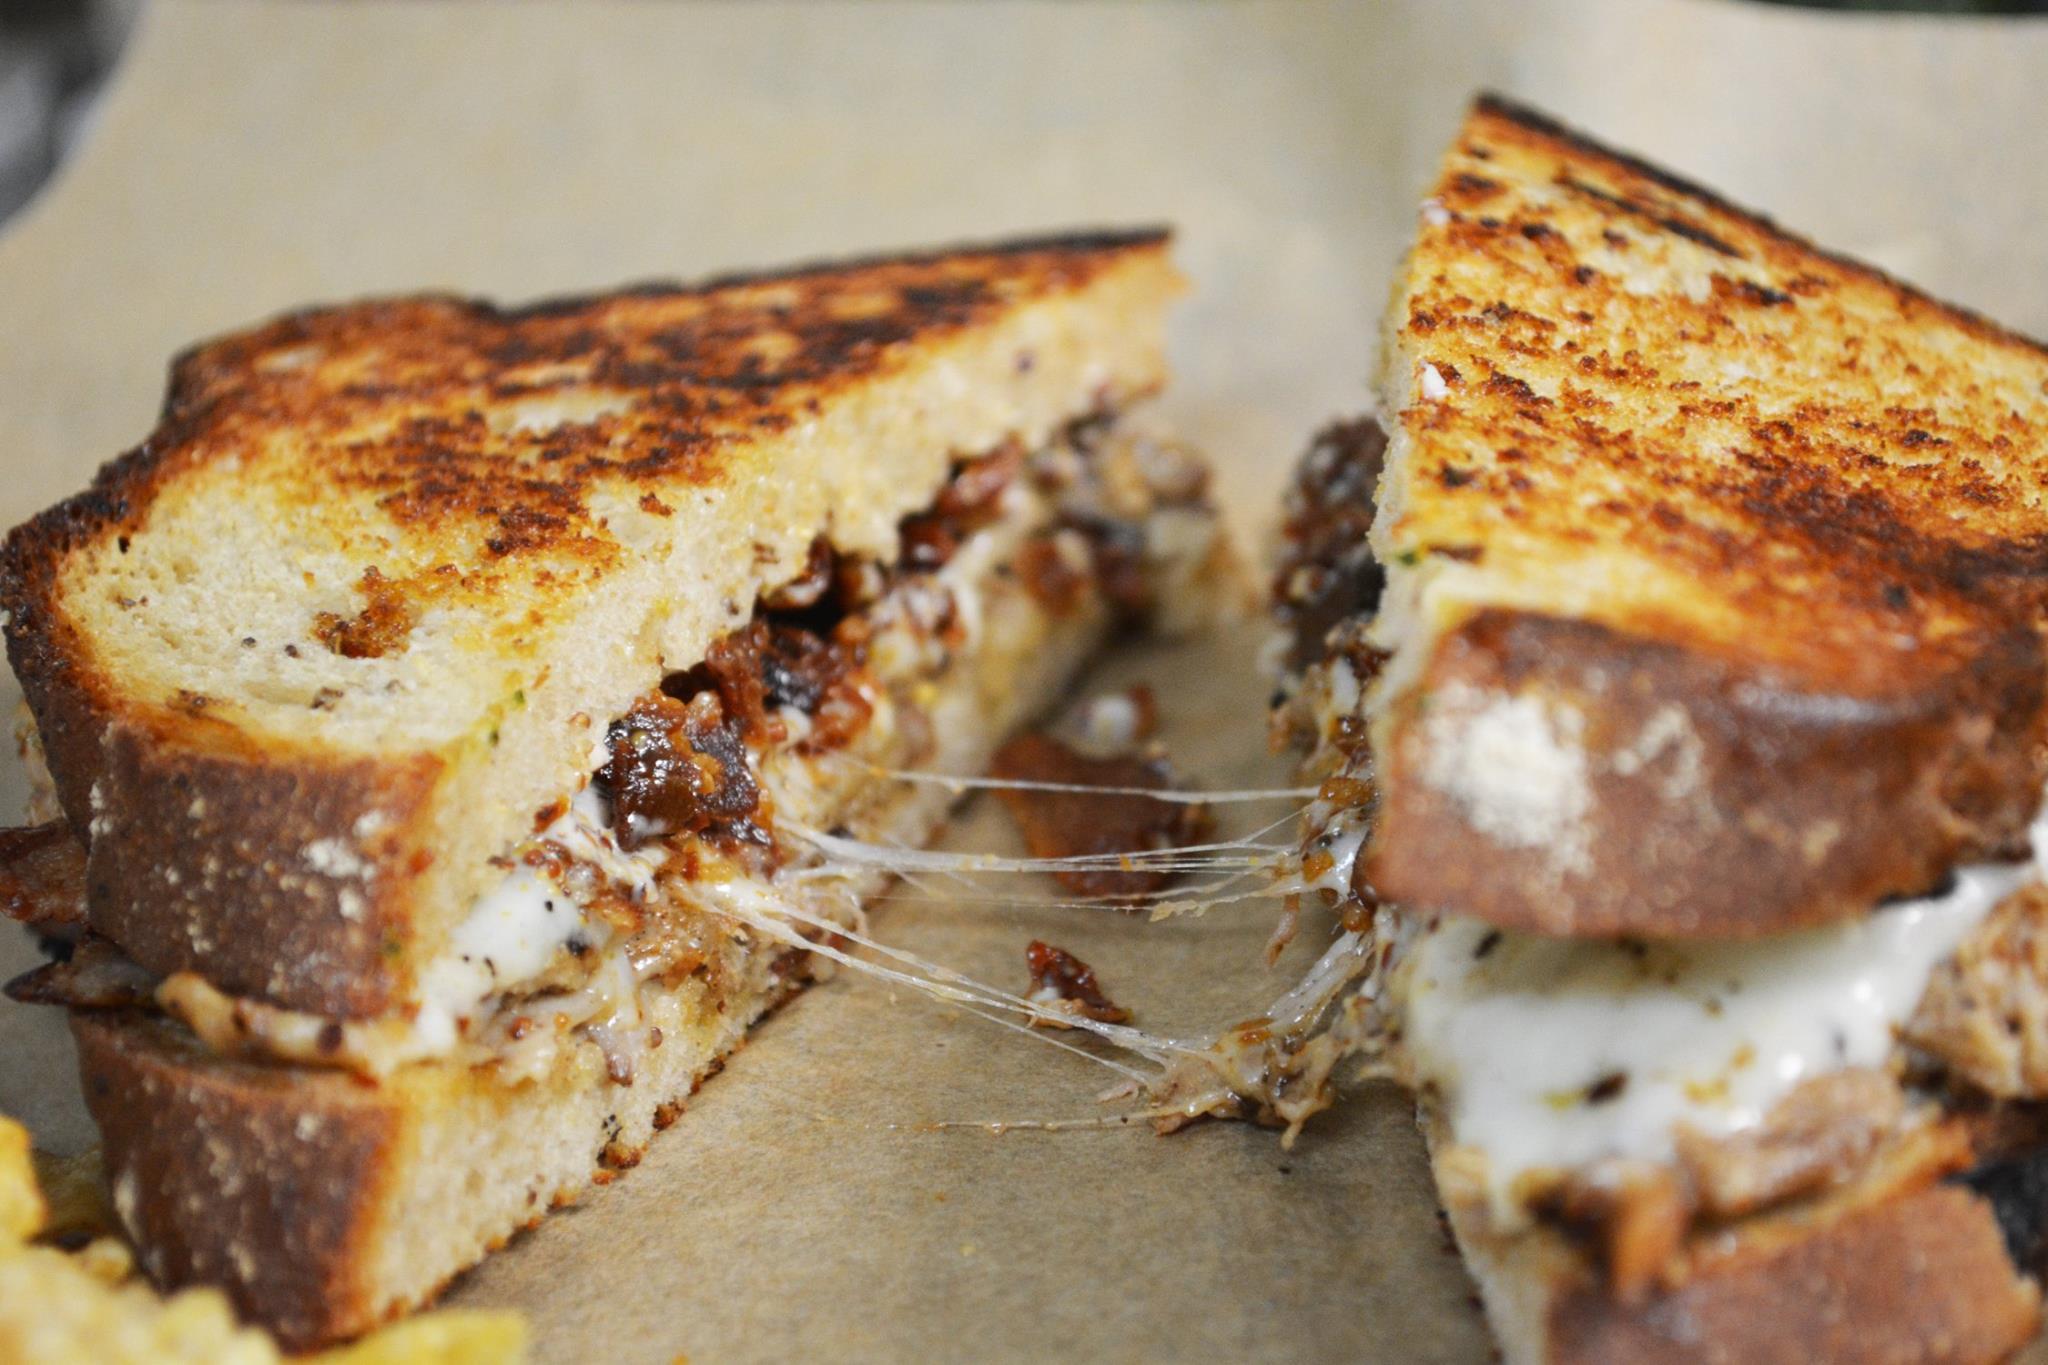 A gooey sandwich from Noble Sandwich Co.